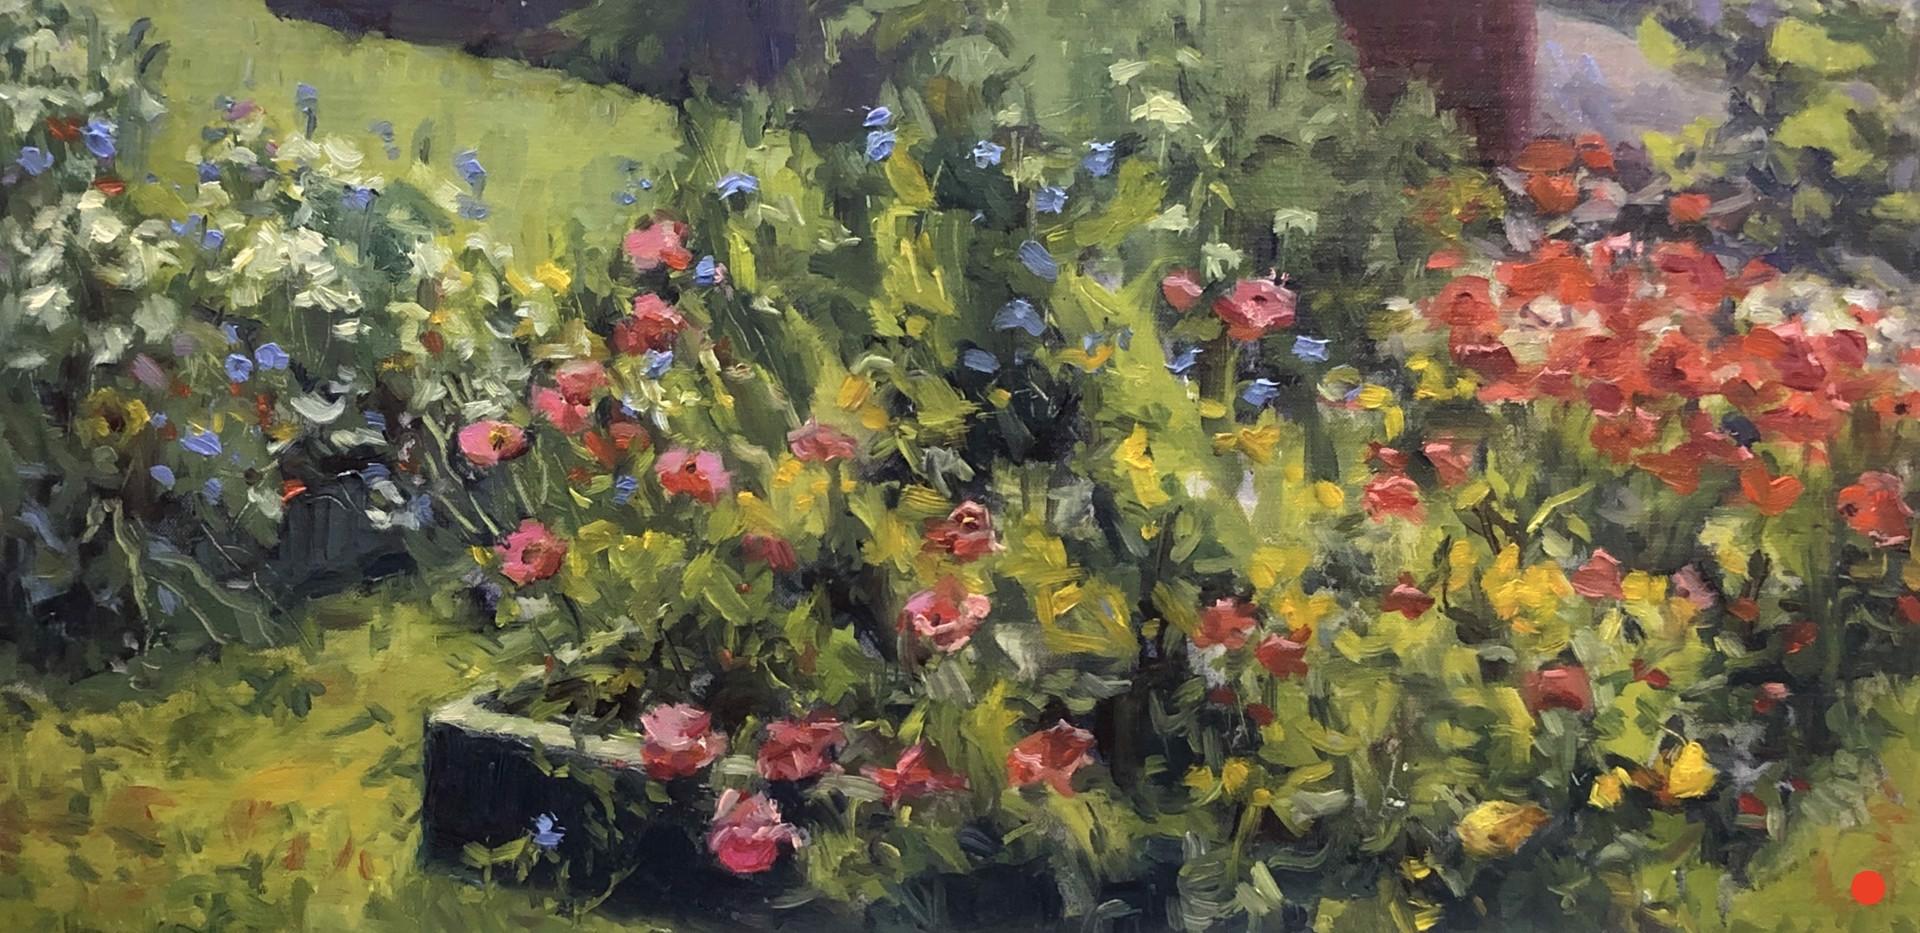 Island Garden by Pamela Lussier